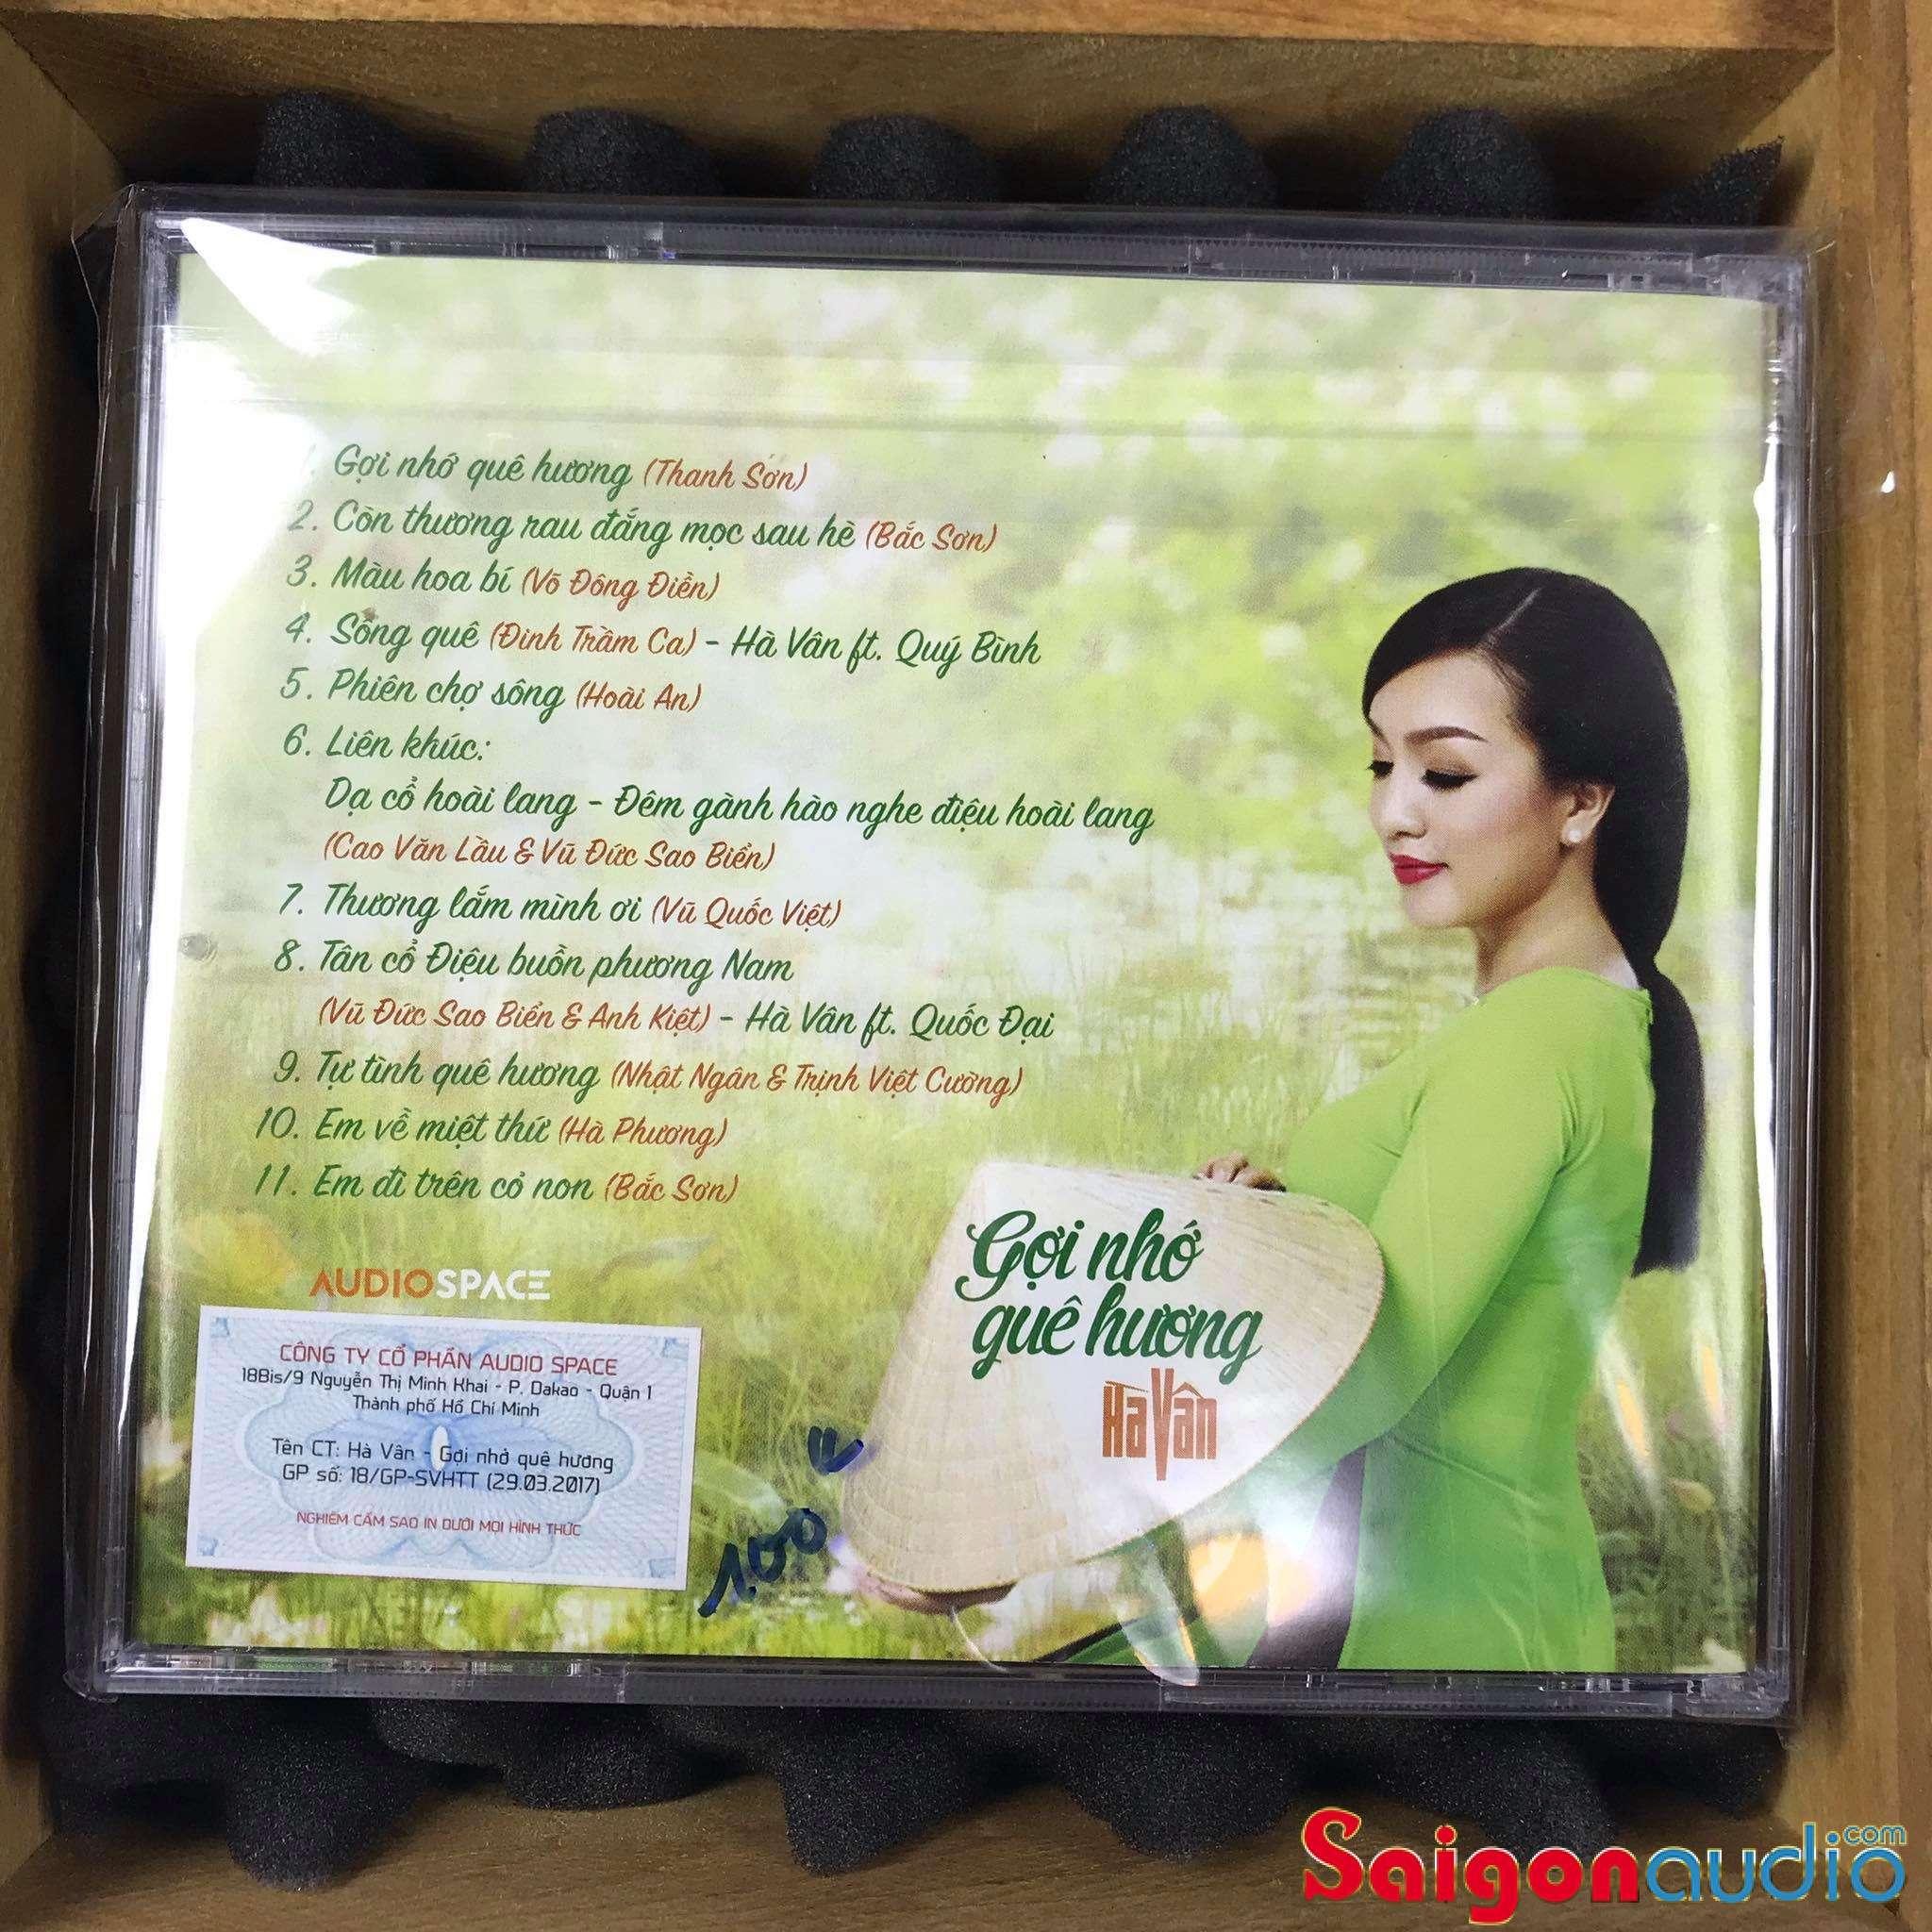 Đĩa CD nhạc gốc Tiếng Hát Hà Vân - Gợi Nhớ Quê Hương (Free ship khi mua 2 đĩa CD cùng hoặc khác loại)